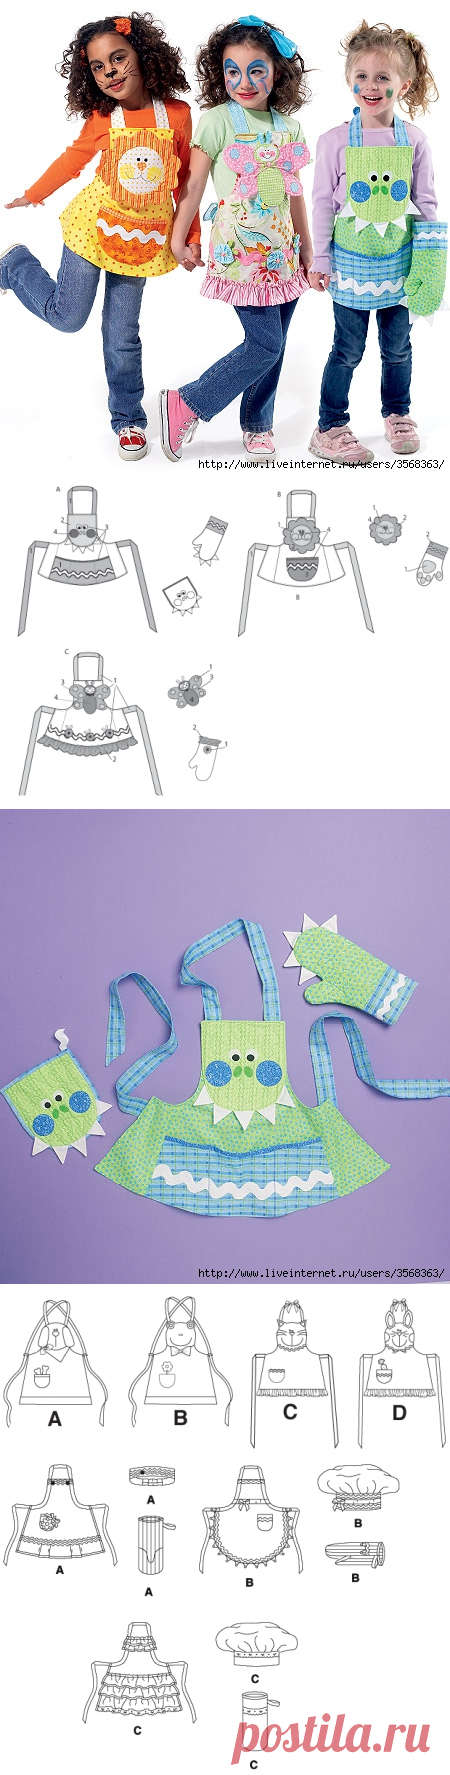 Детские фартуки с чудесной аппликацией!